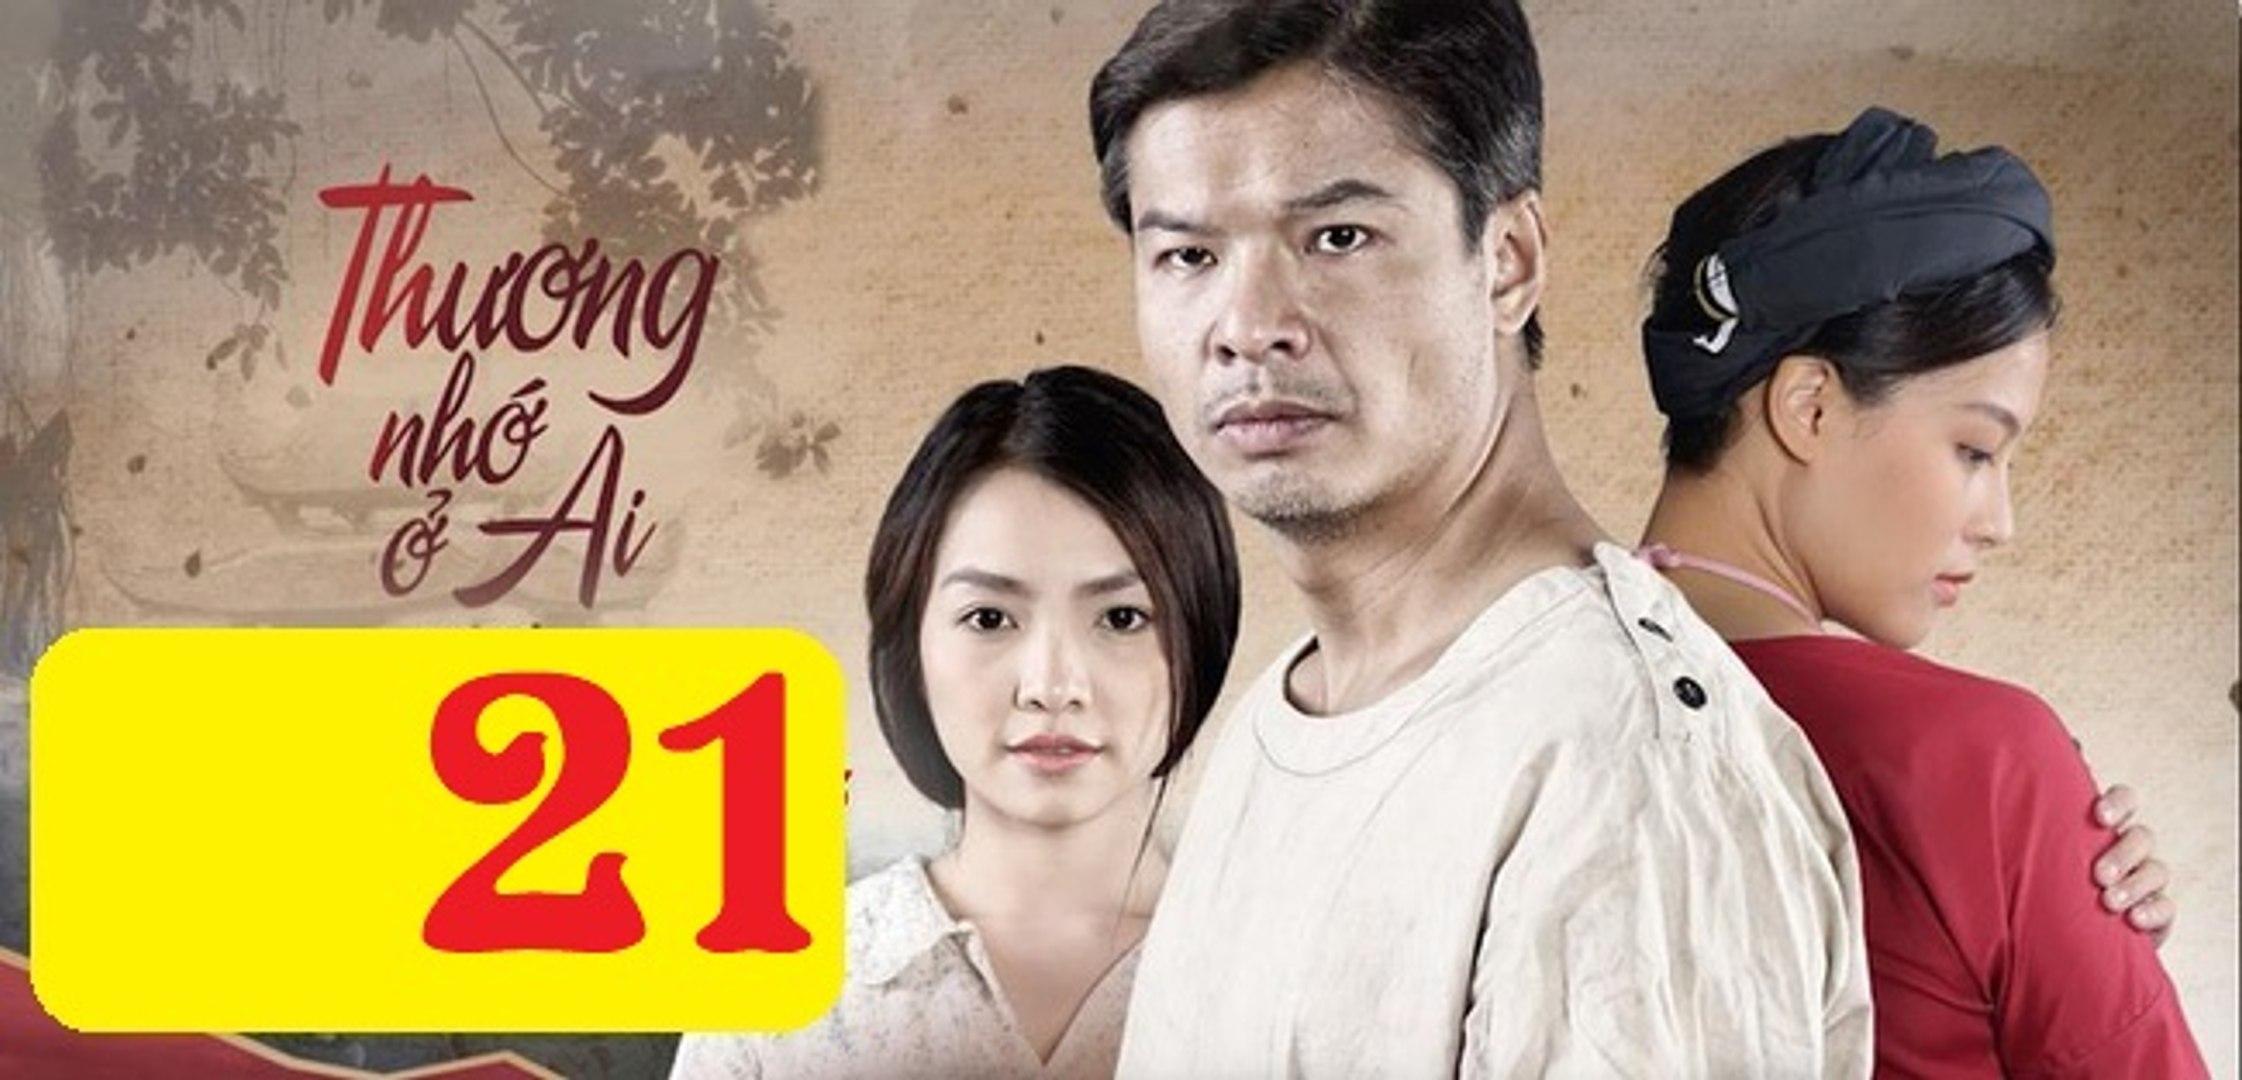 Thương Nhớ Ở Ai Tập 21 - Thuong Nho o ai 21 trailer | Phim Rubic 8